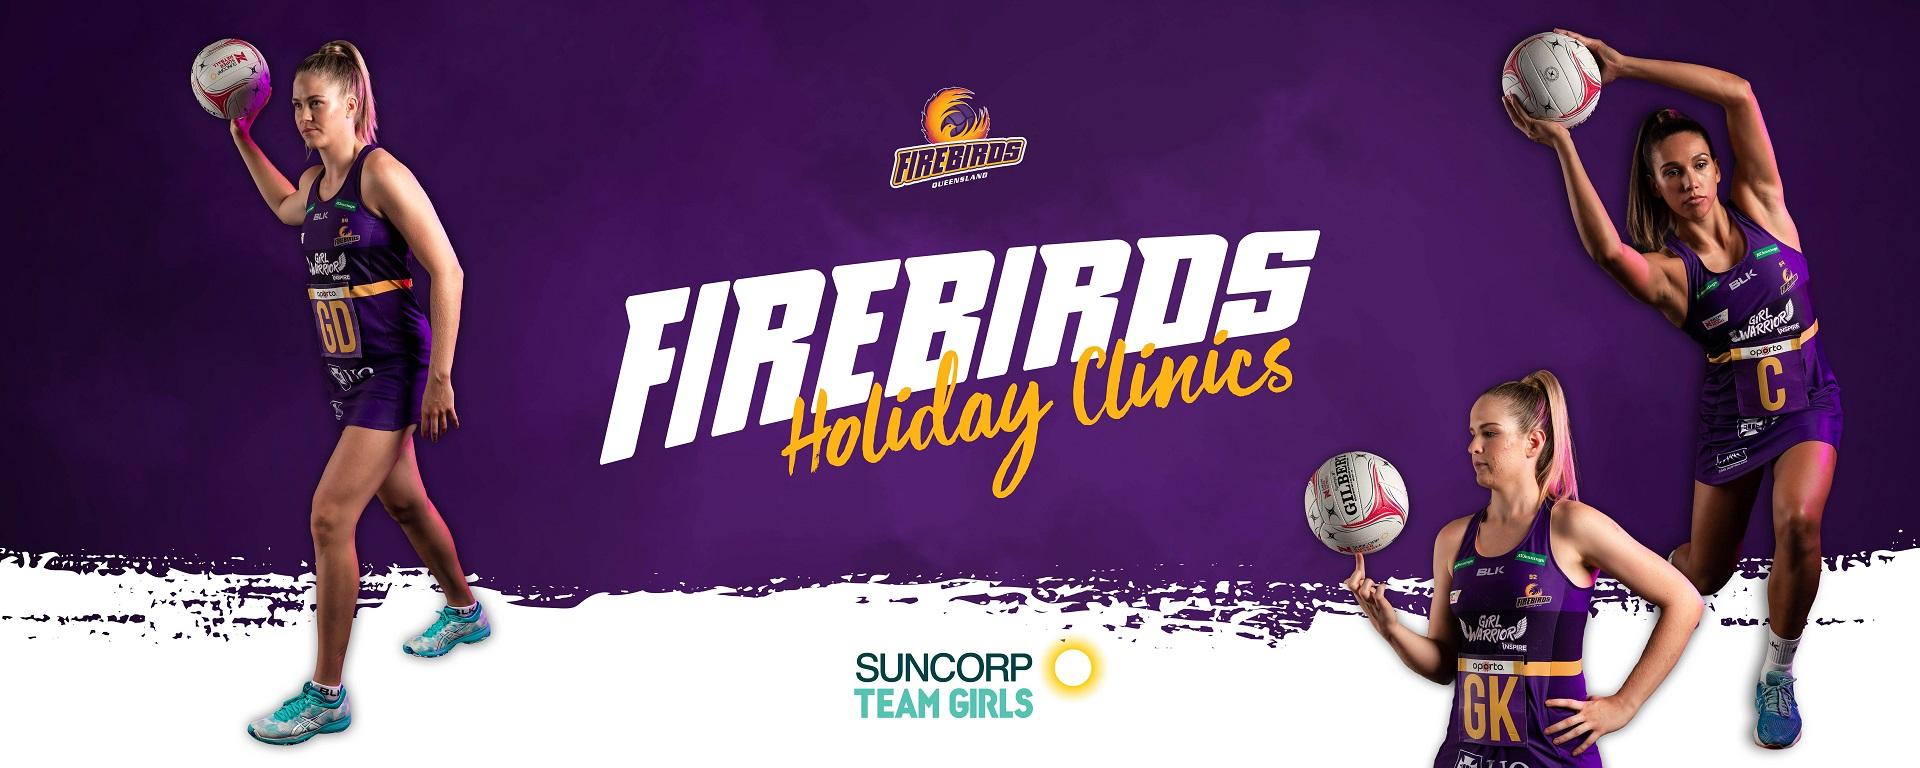 Firebirds Holiday Clinics